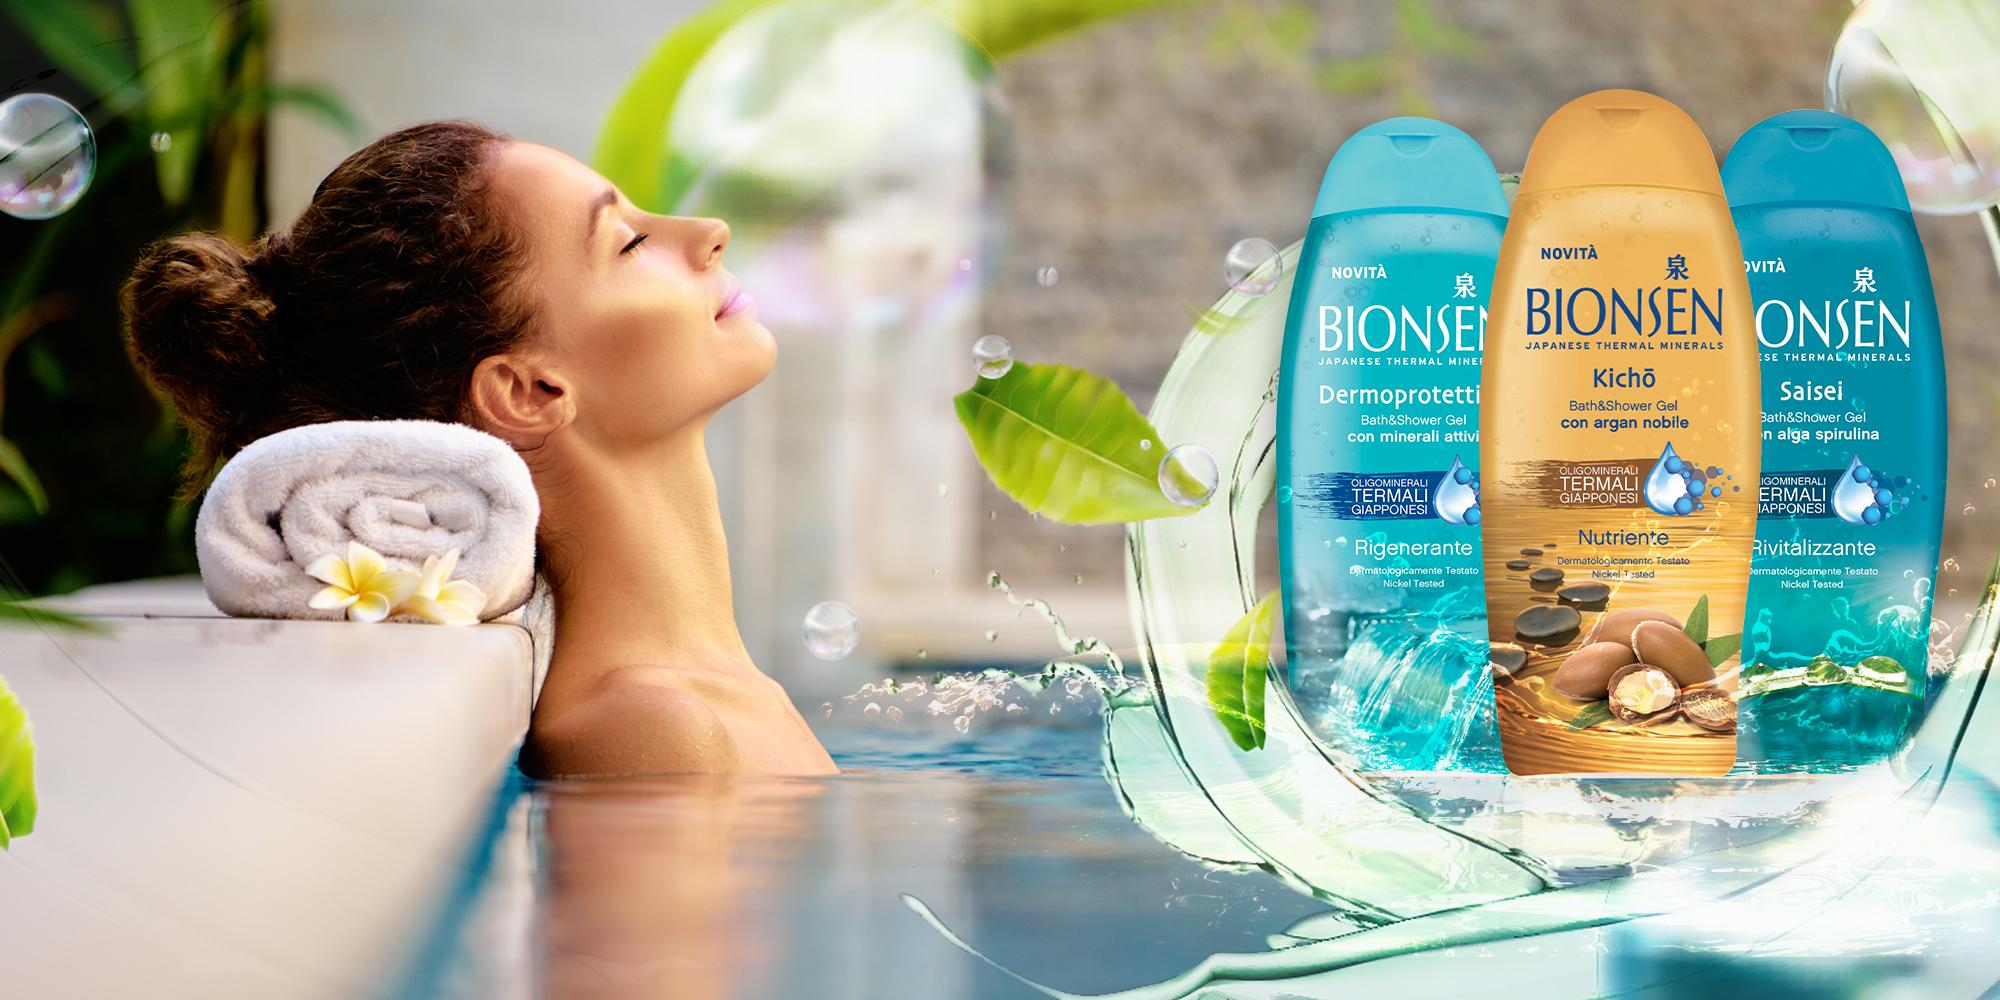 Bionsen - BATH & SHOWER